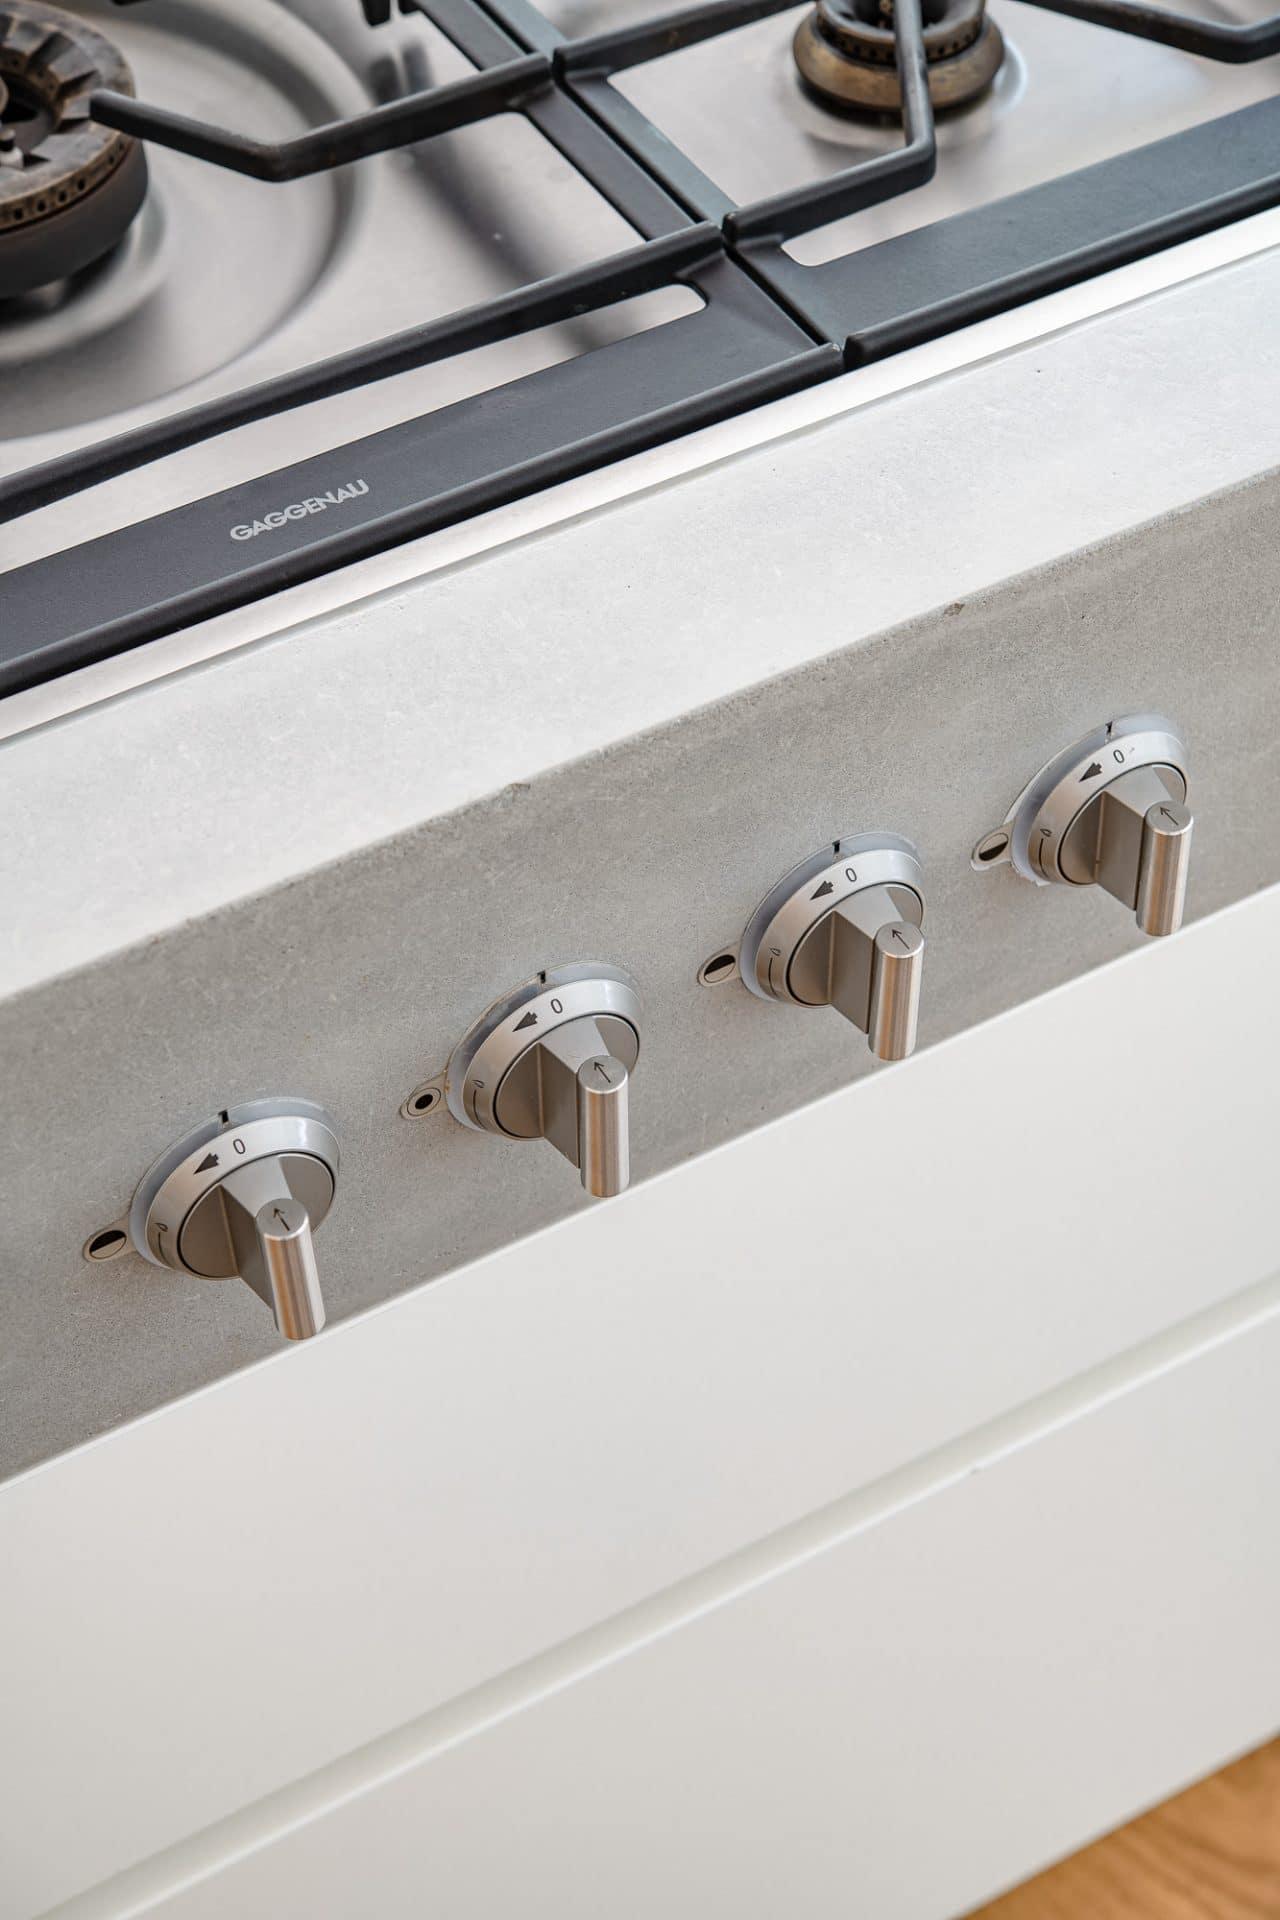 Küchendesign von VOIT aus Beton in Kombination mit Eiche Natur Fronten und Regalen, Nahaufnahme der Regler vom Gaggenau Gaskochfeld